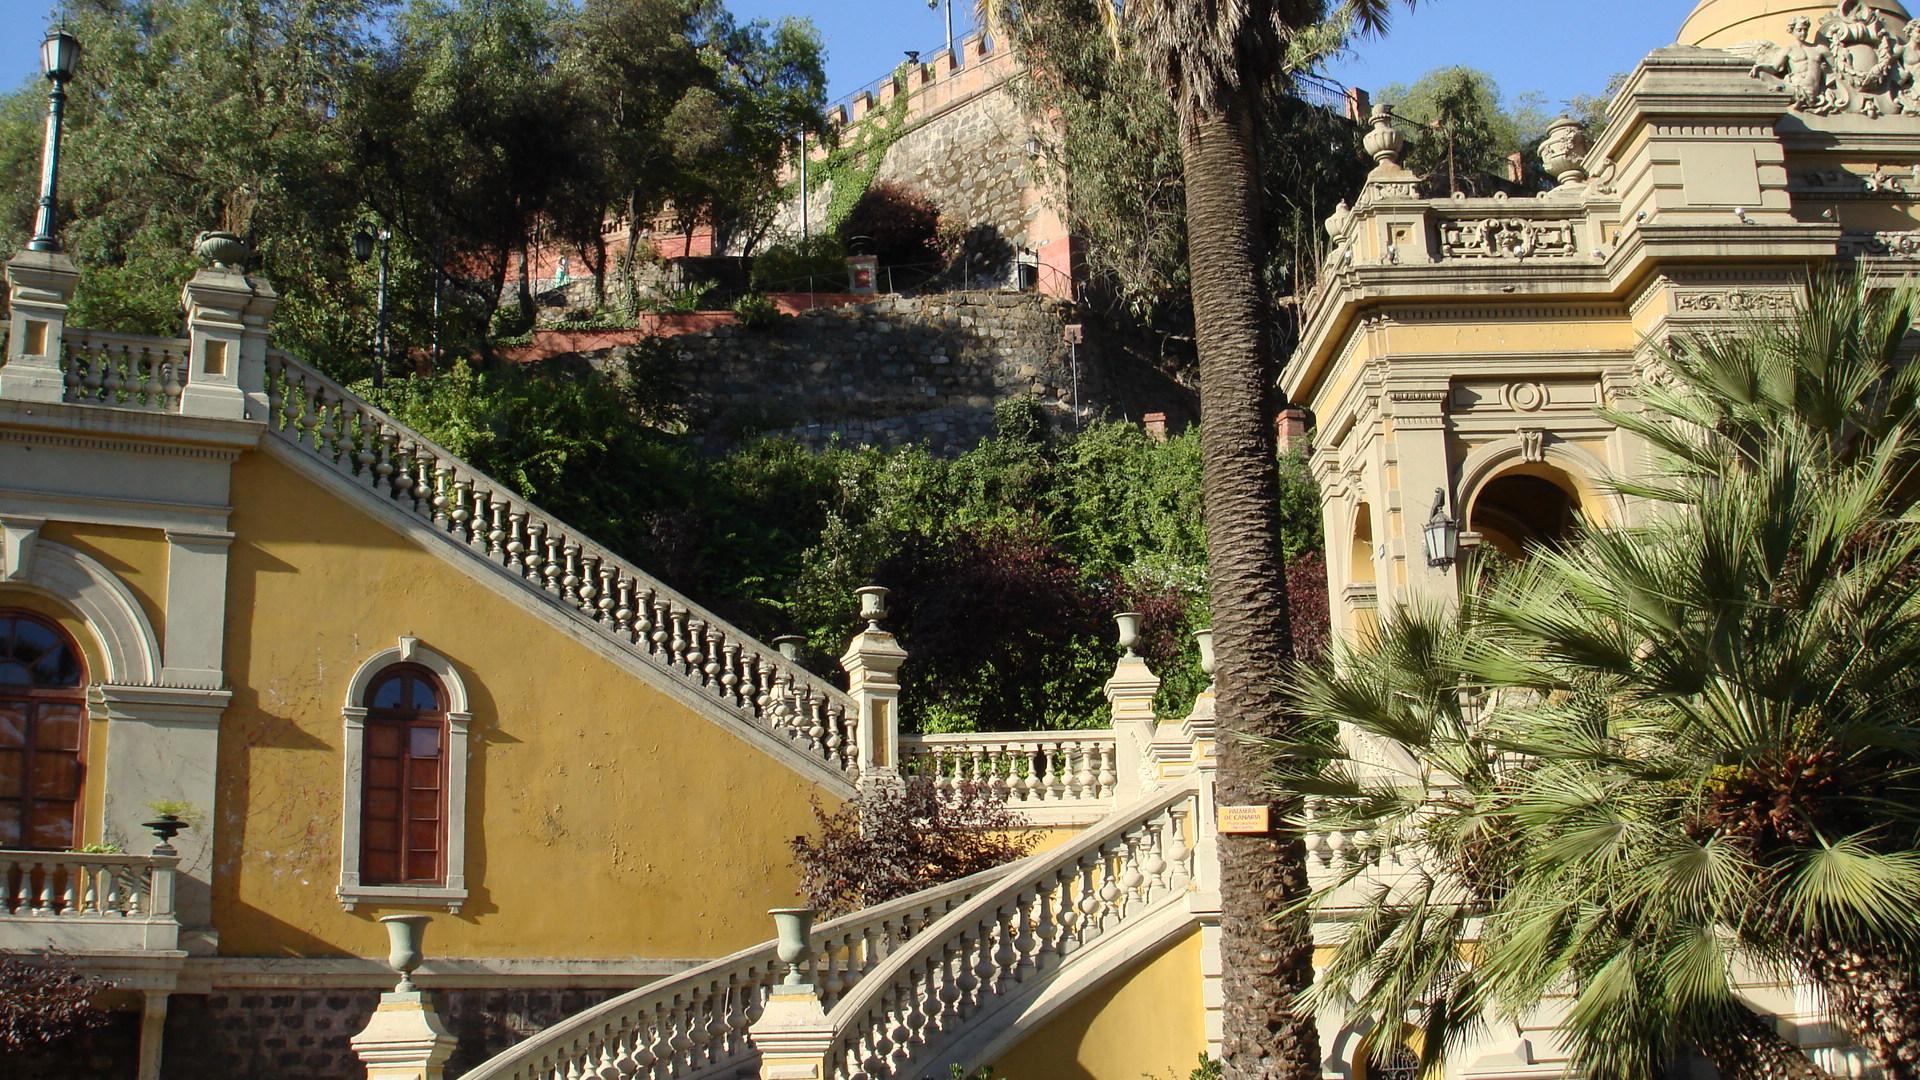 صور لدولة إيطاليا ( معلومات عن دولة إيطاليا cerro-santa-lucia1.jpg